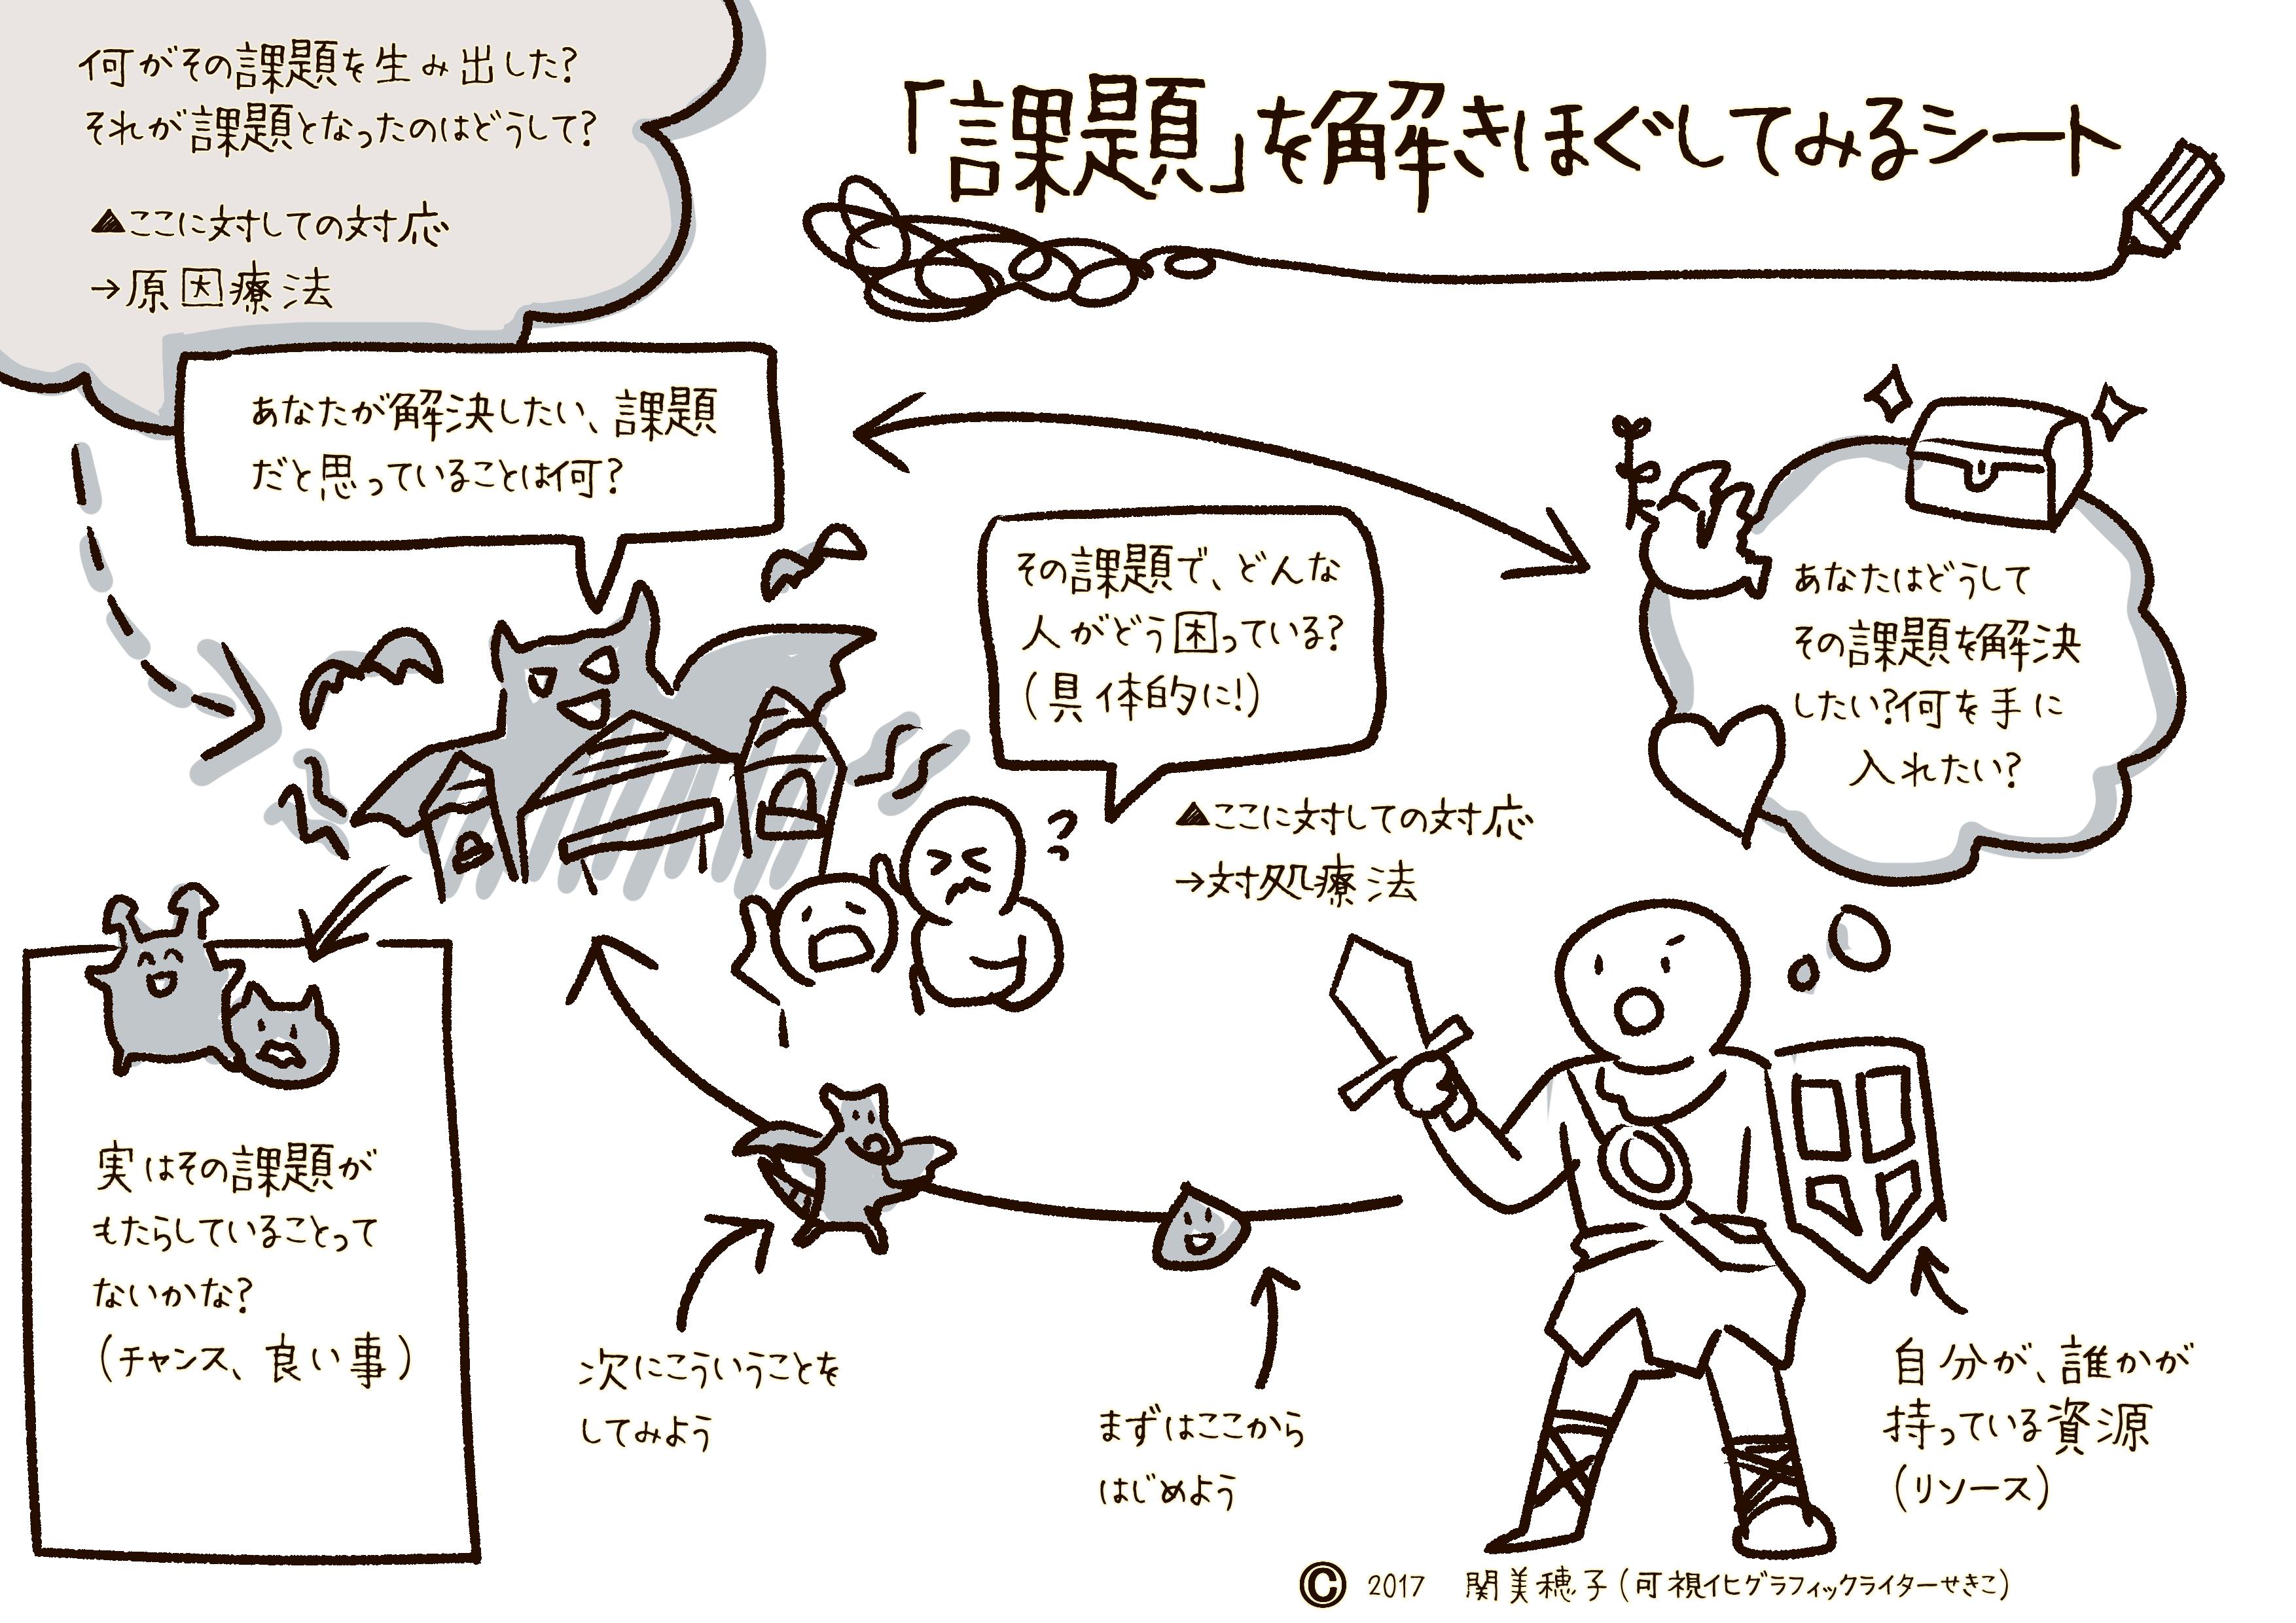 【無料公開】渾身の「課題を解きほぐしてみるシート」100人との対話を経て完成!